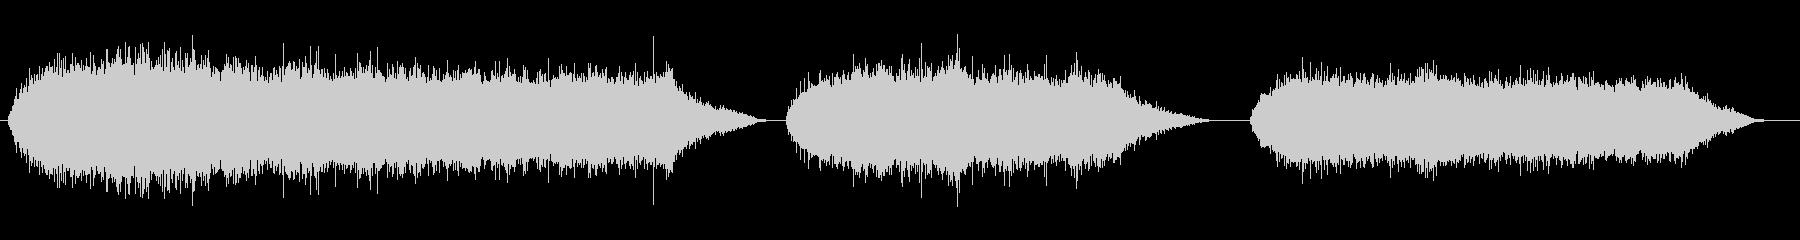 ジグソーランニングx3の未再生の波形